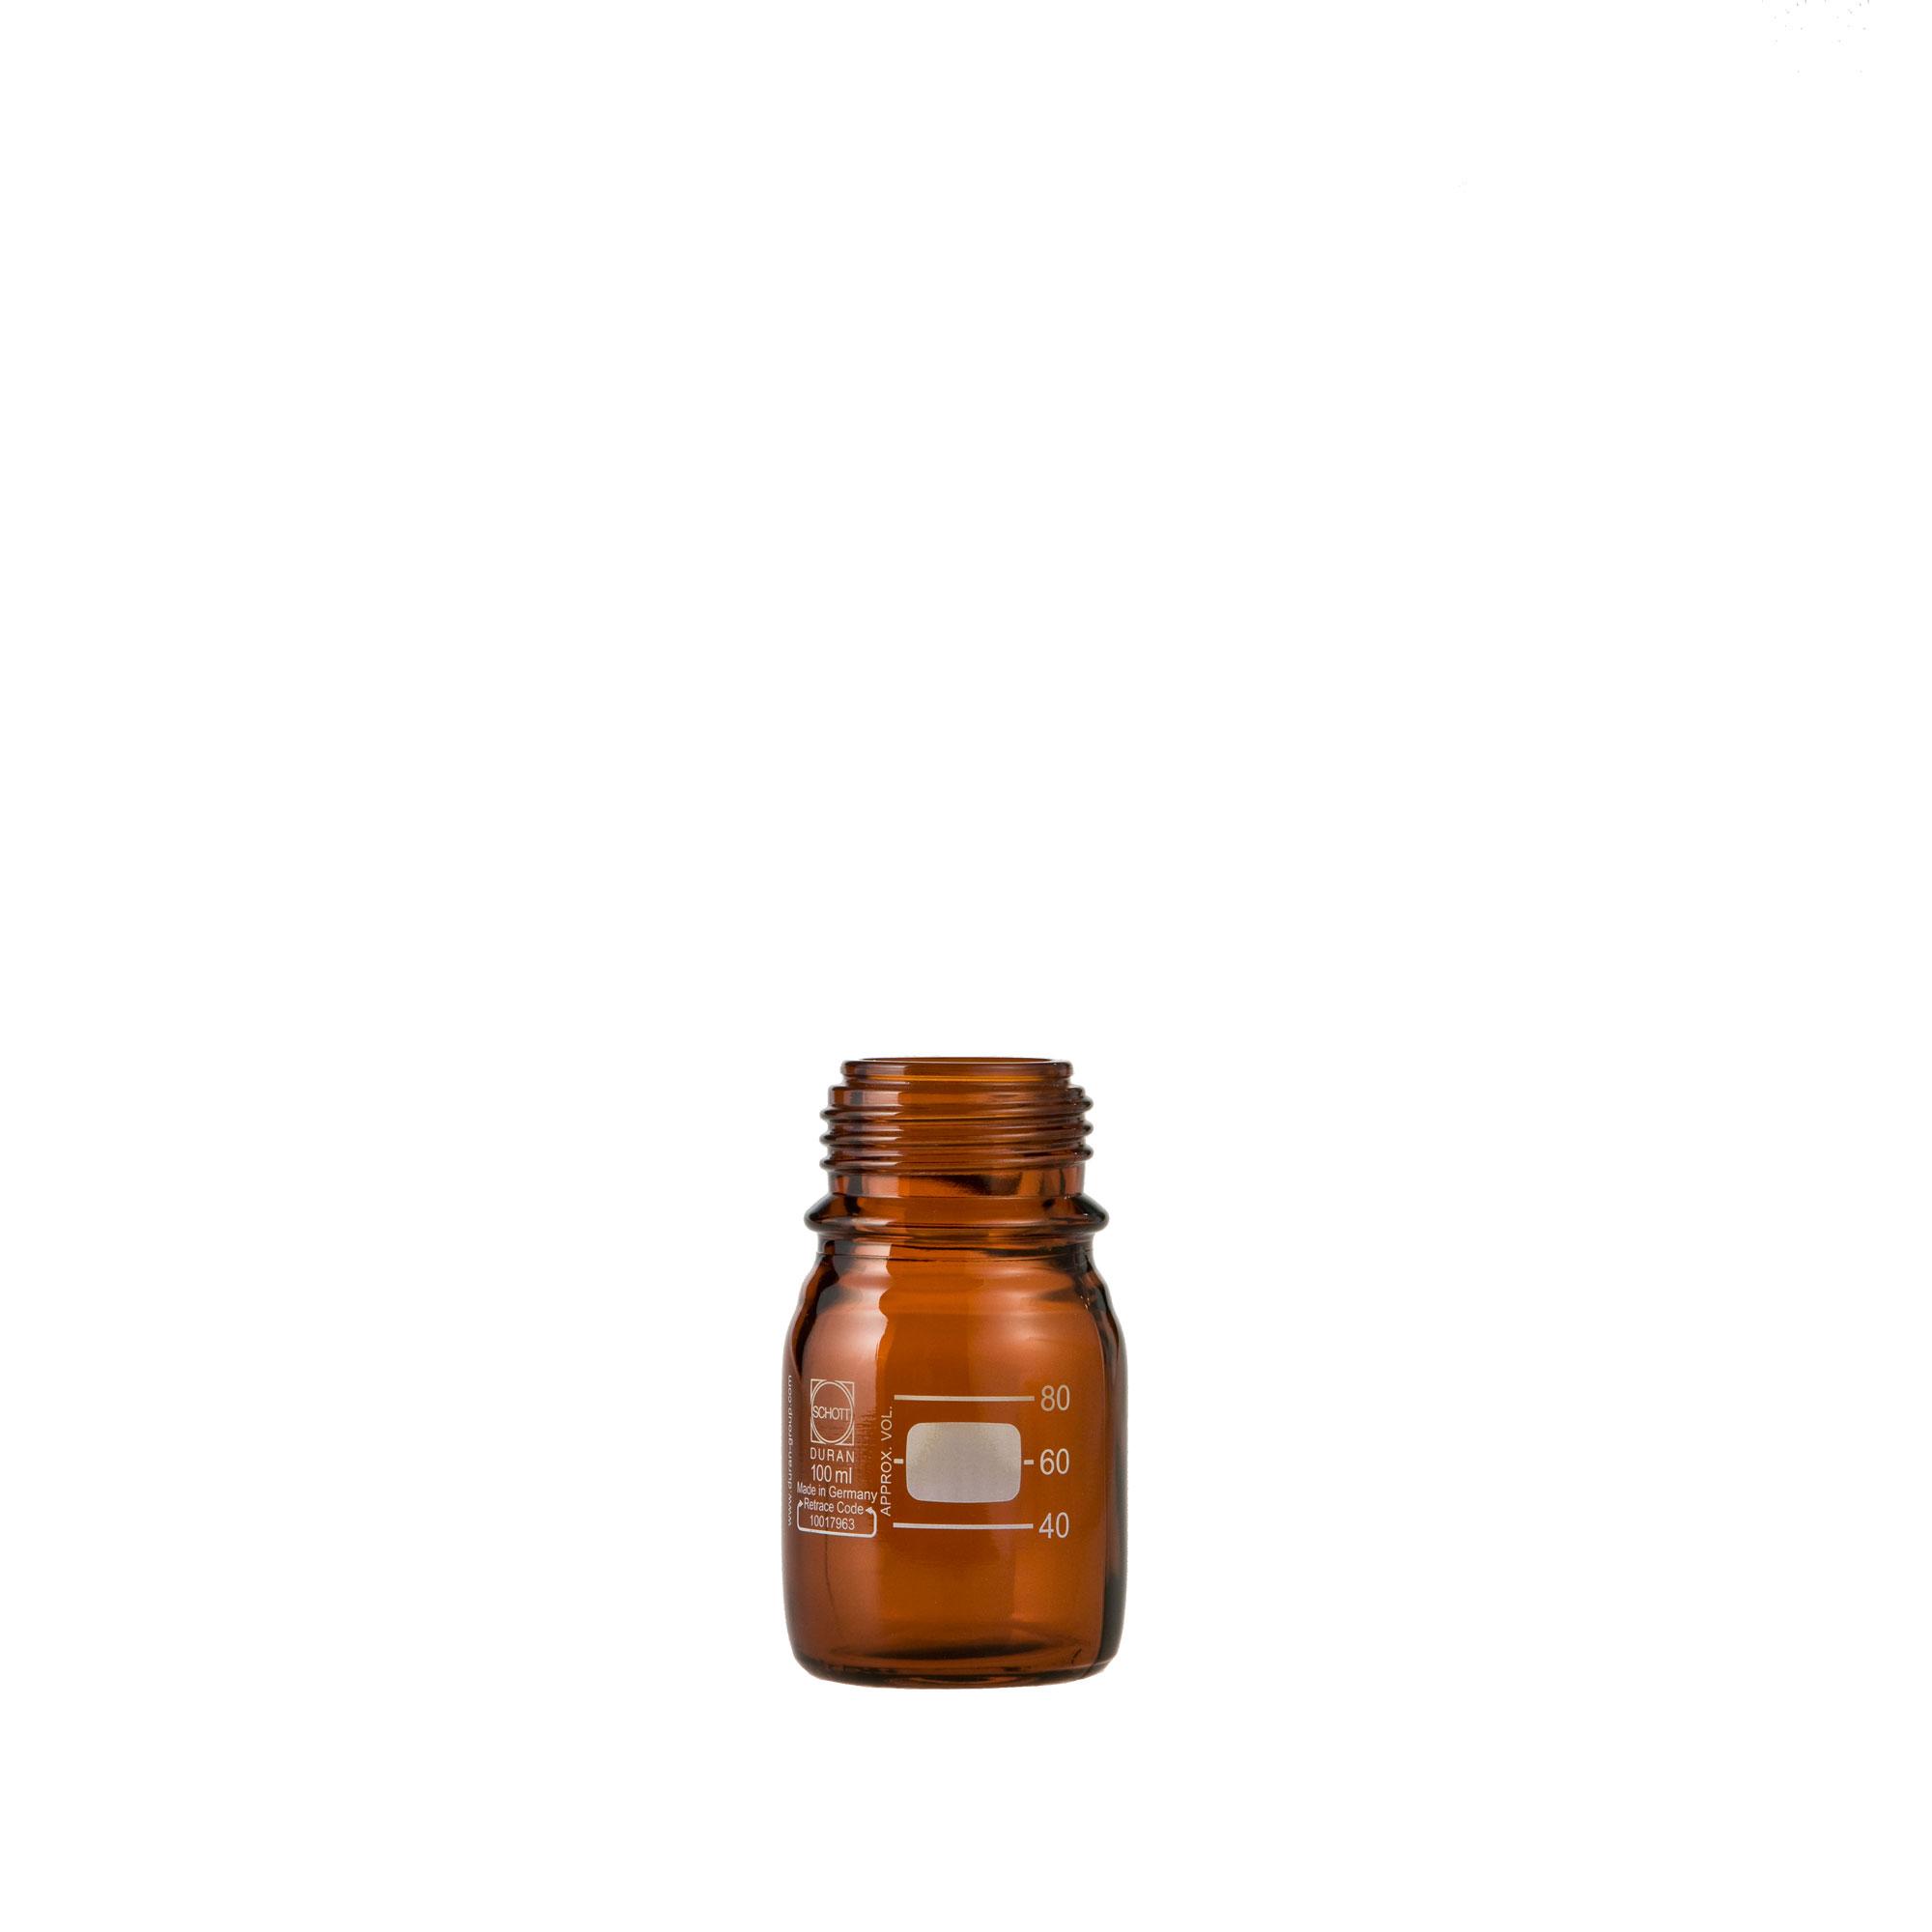 DURAN ねじ口びん(メジュームびん) 茶褐色 びんのみ 100mL GL-45(10個)